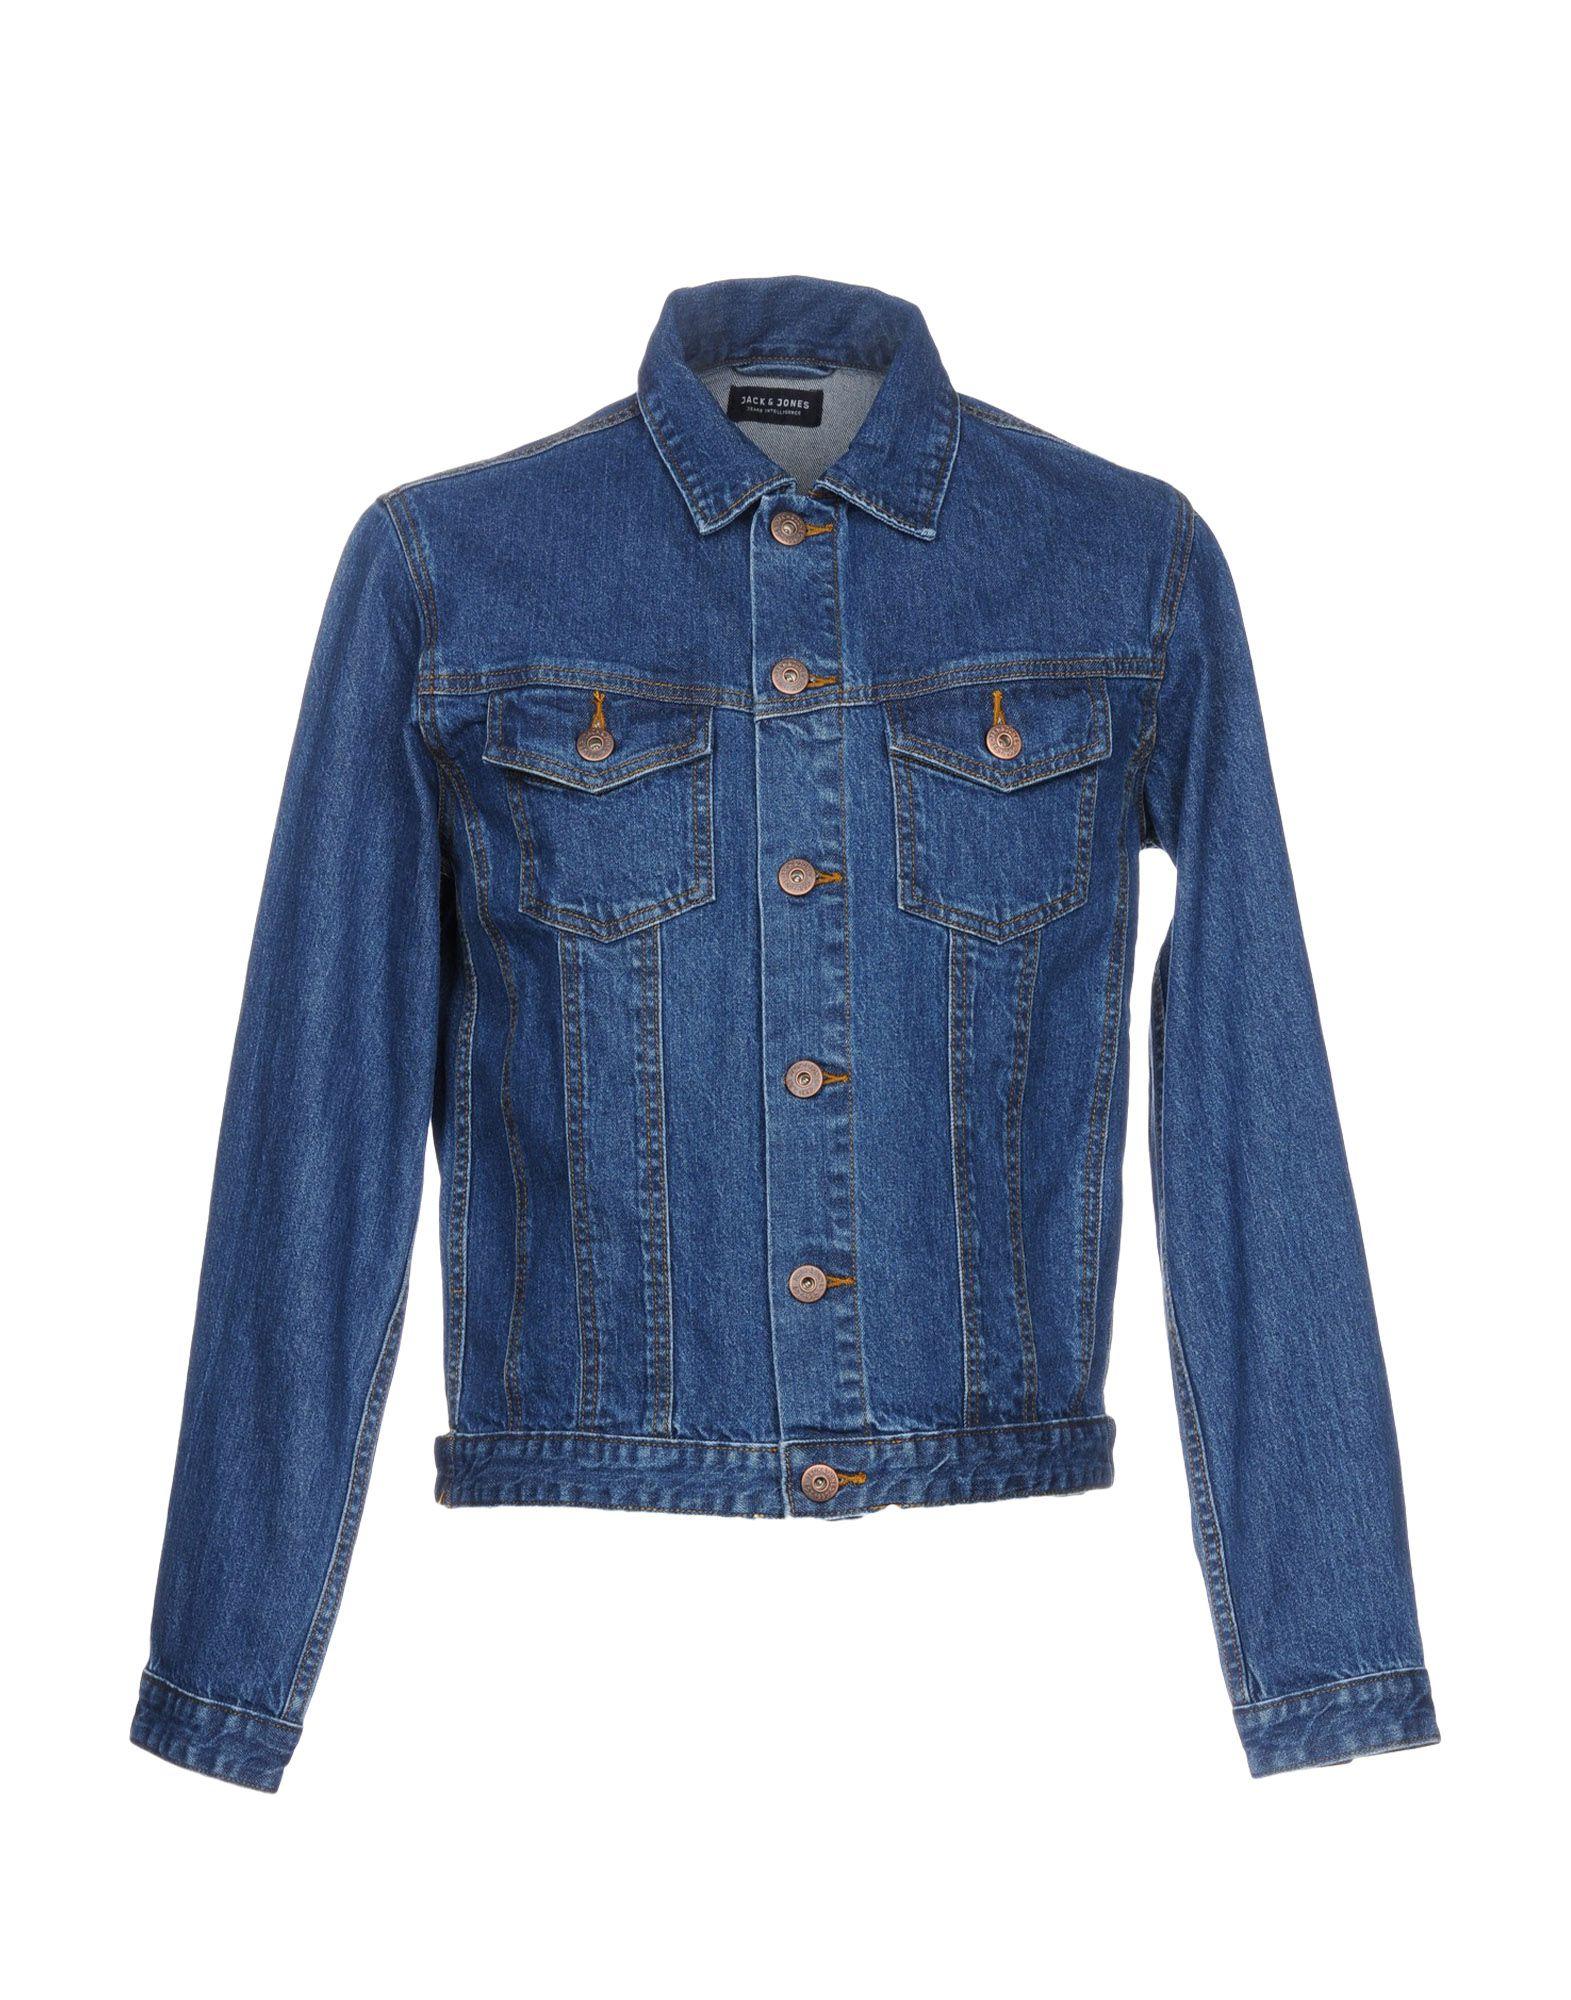 JACK & JONES Джинсовая верхняя одежда wood wood джинсовая верхняя одежда